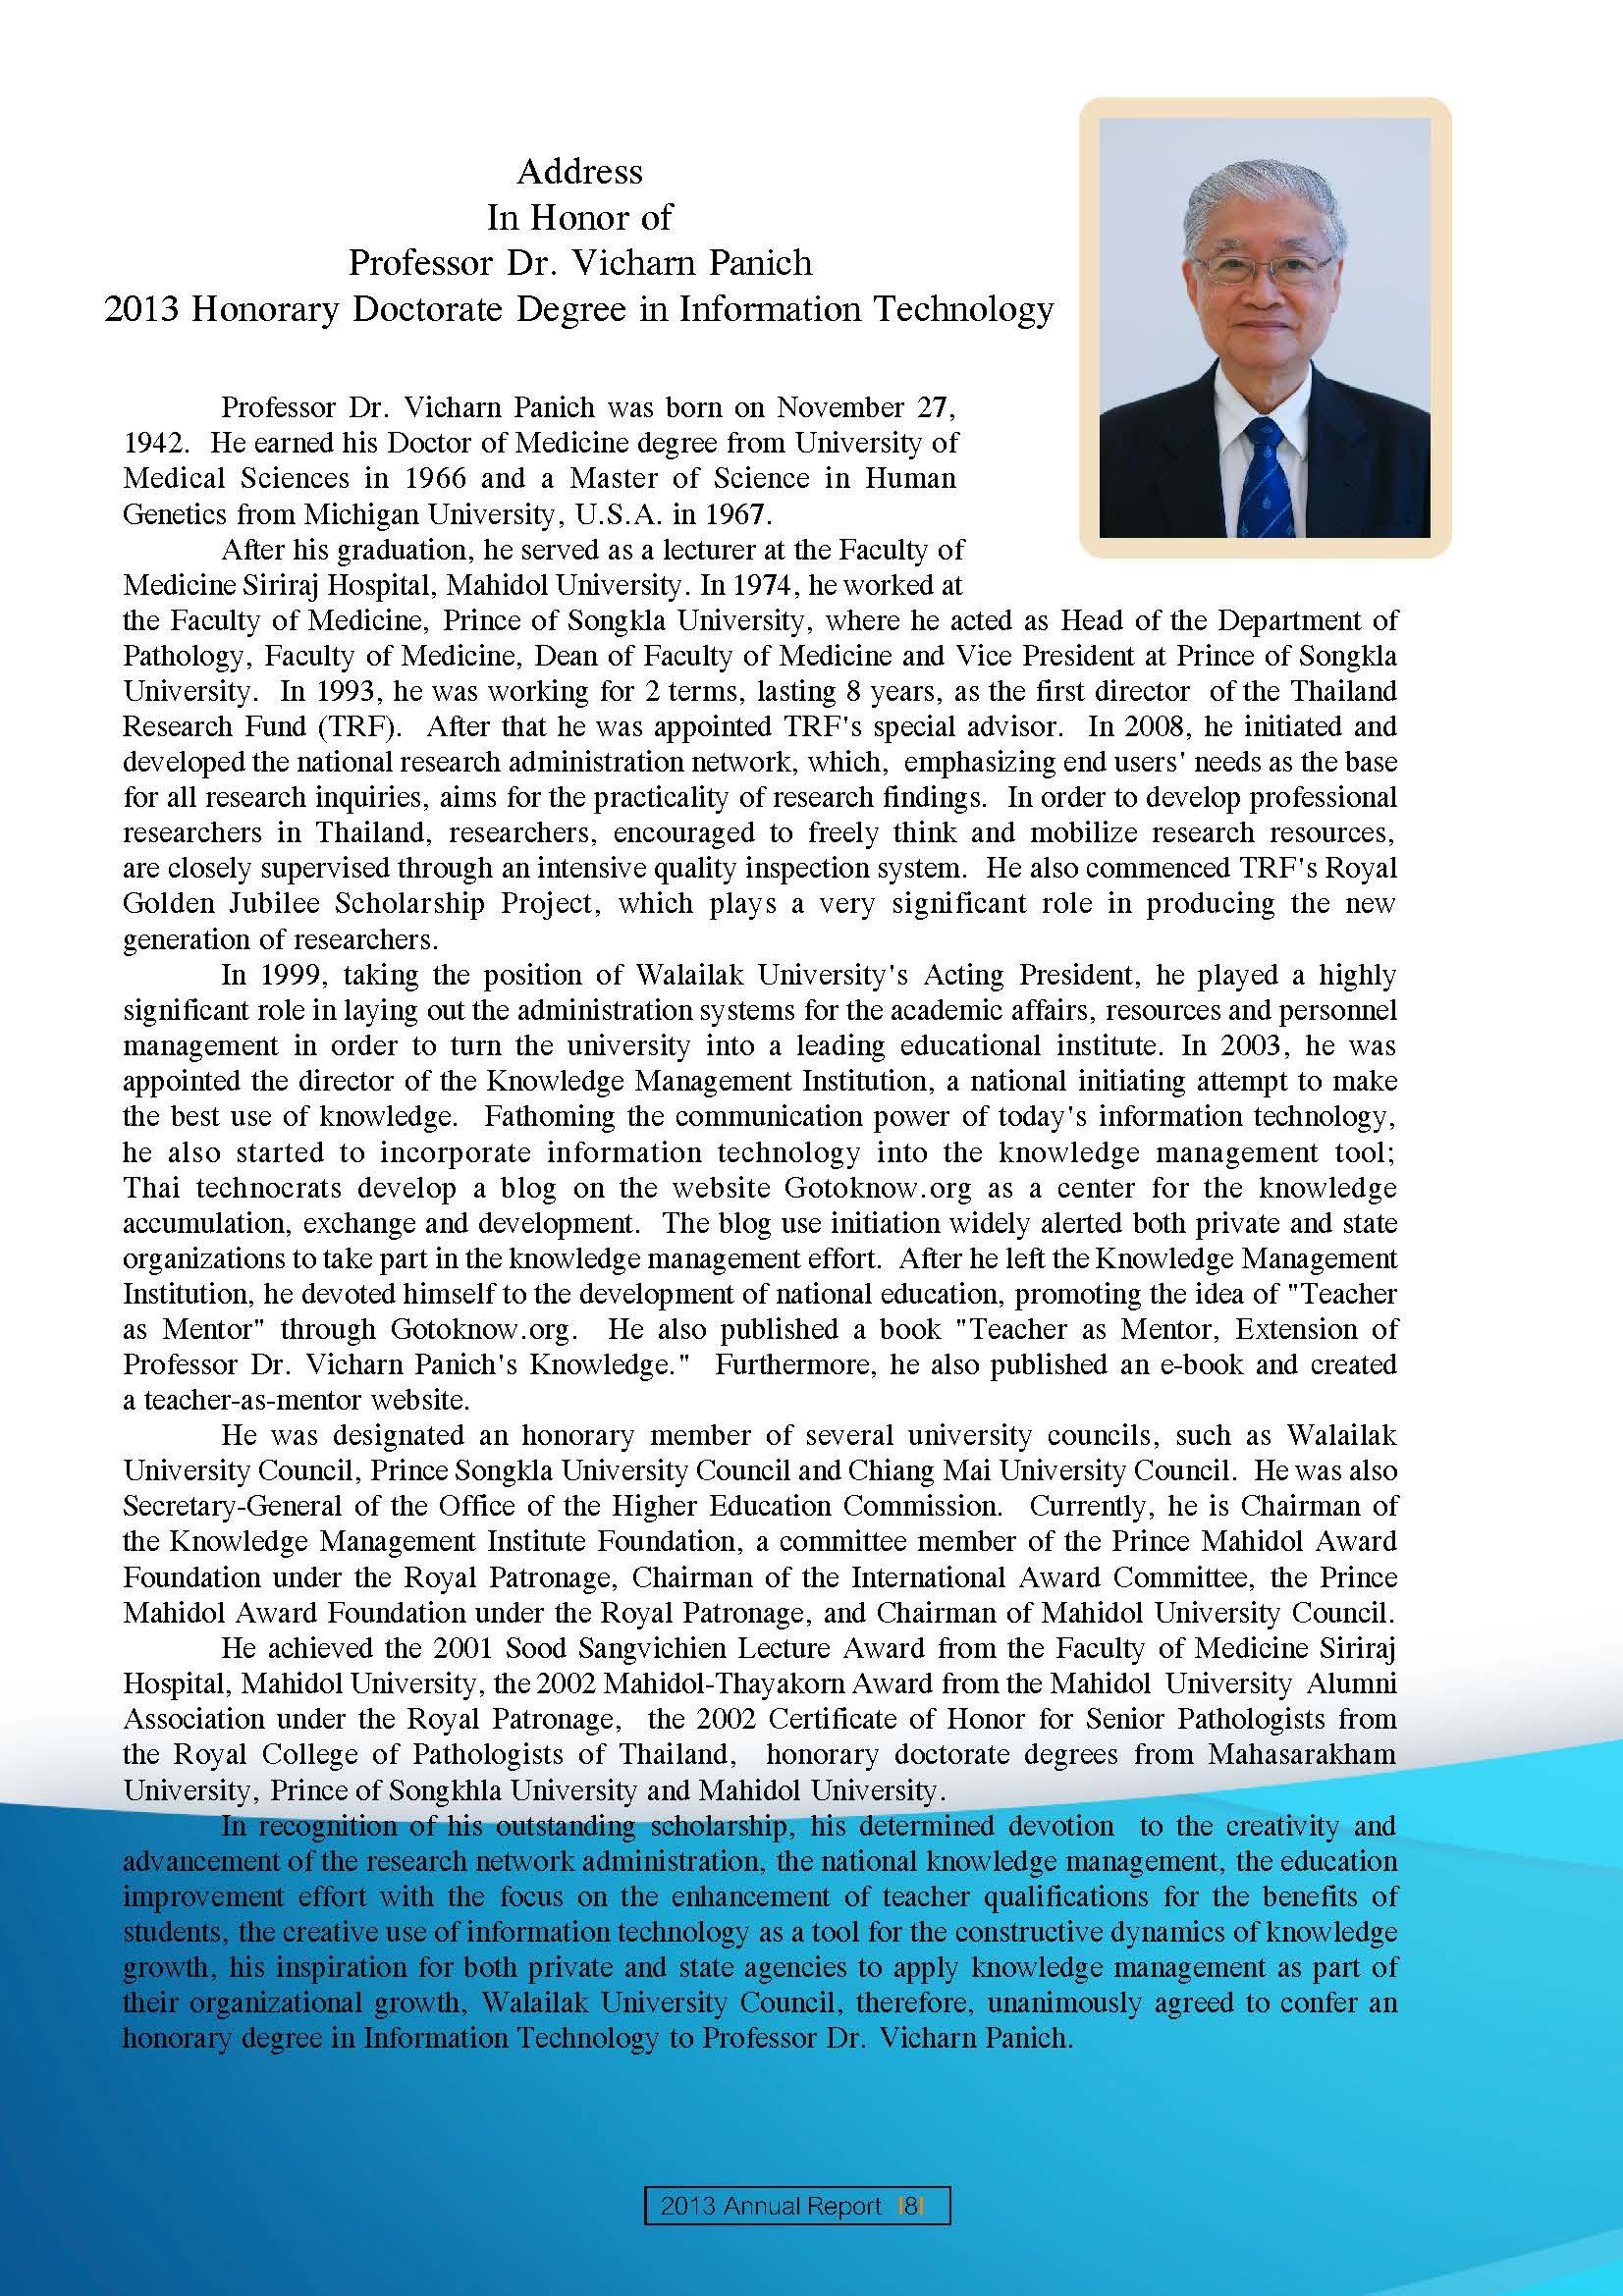 รายงานประจำปี2013ภาษาอังกฤษ_Page_08